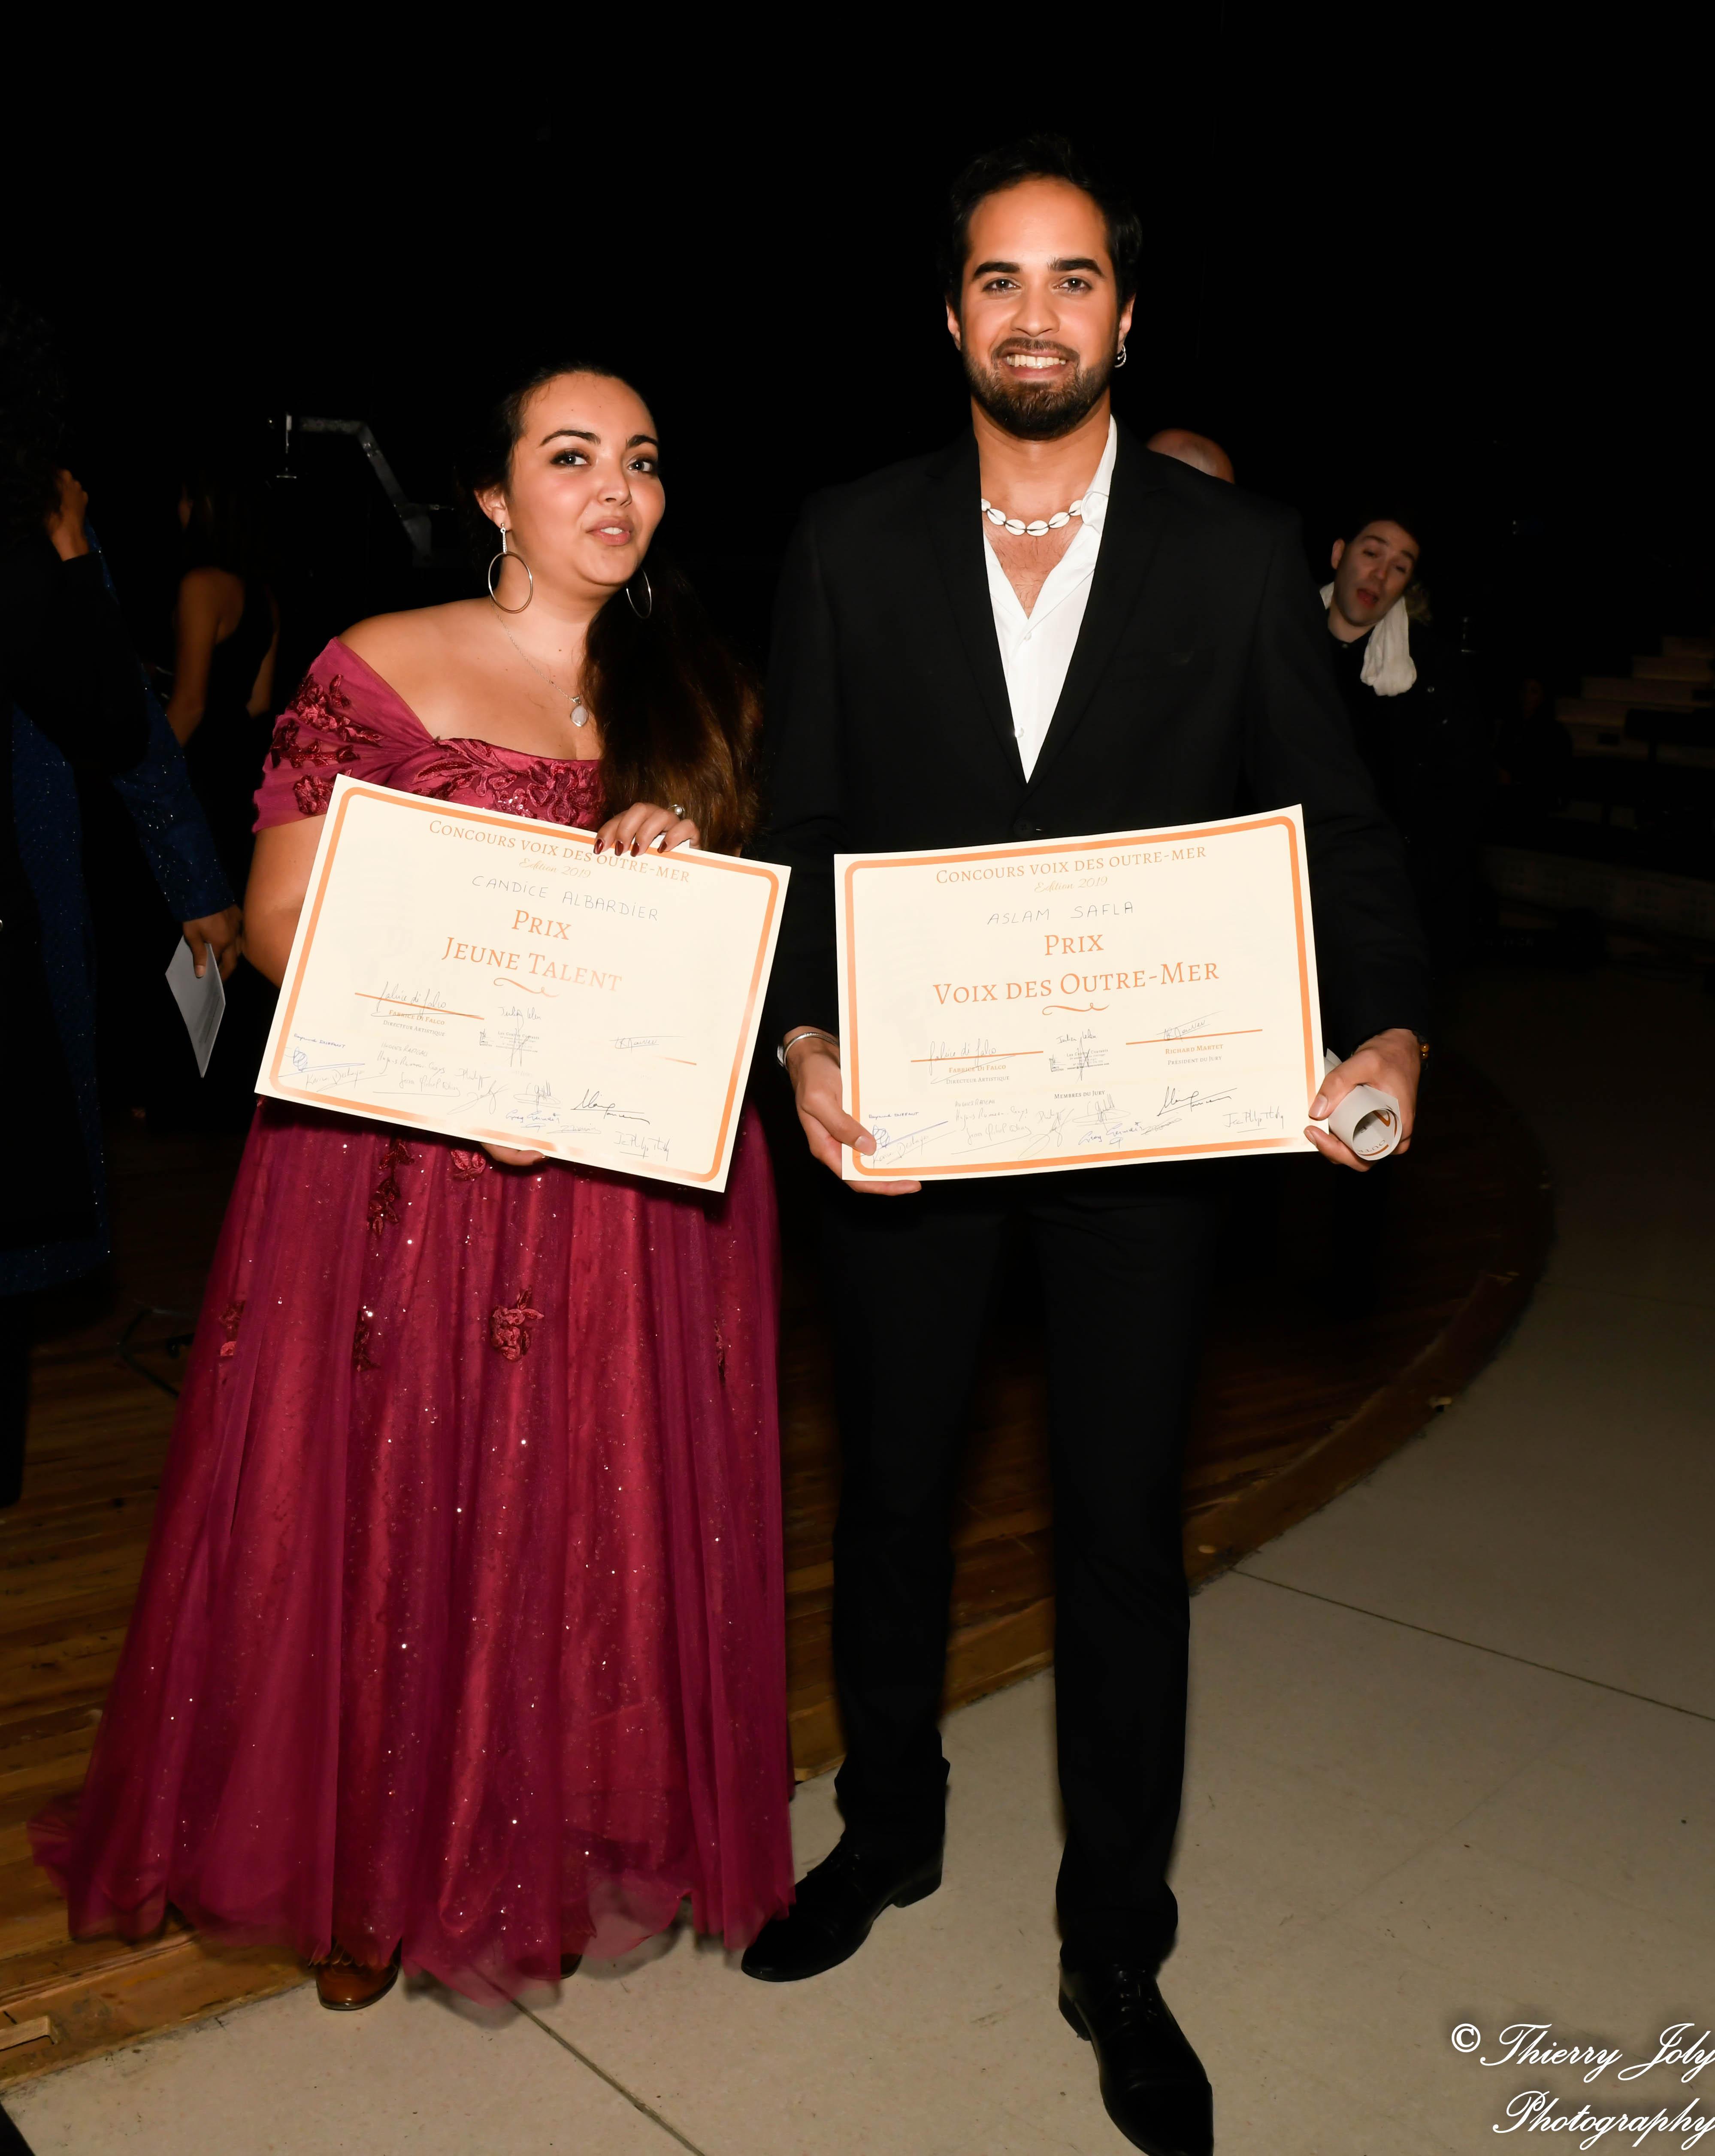 Concours Voix des Outre-mer Candice Albardier et Aslam Safla Prix VOM et JT